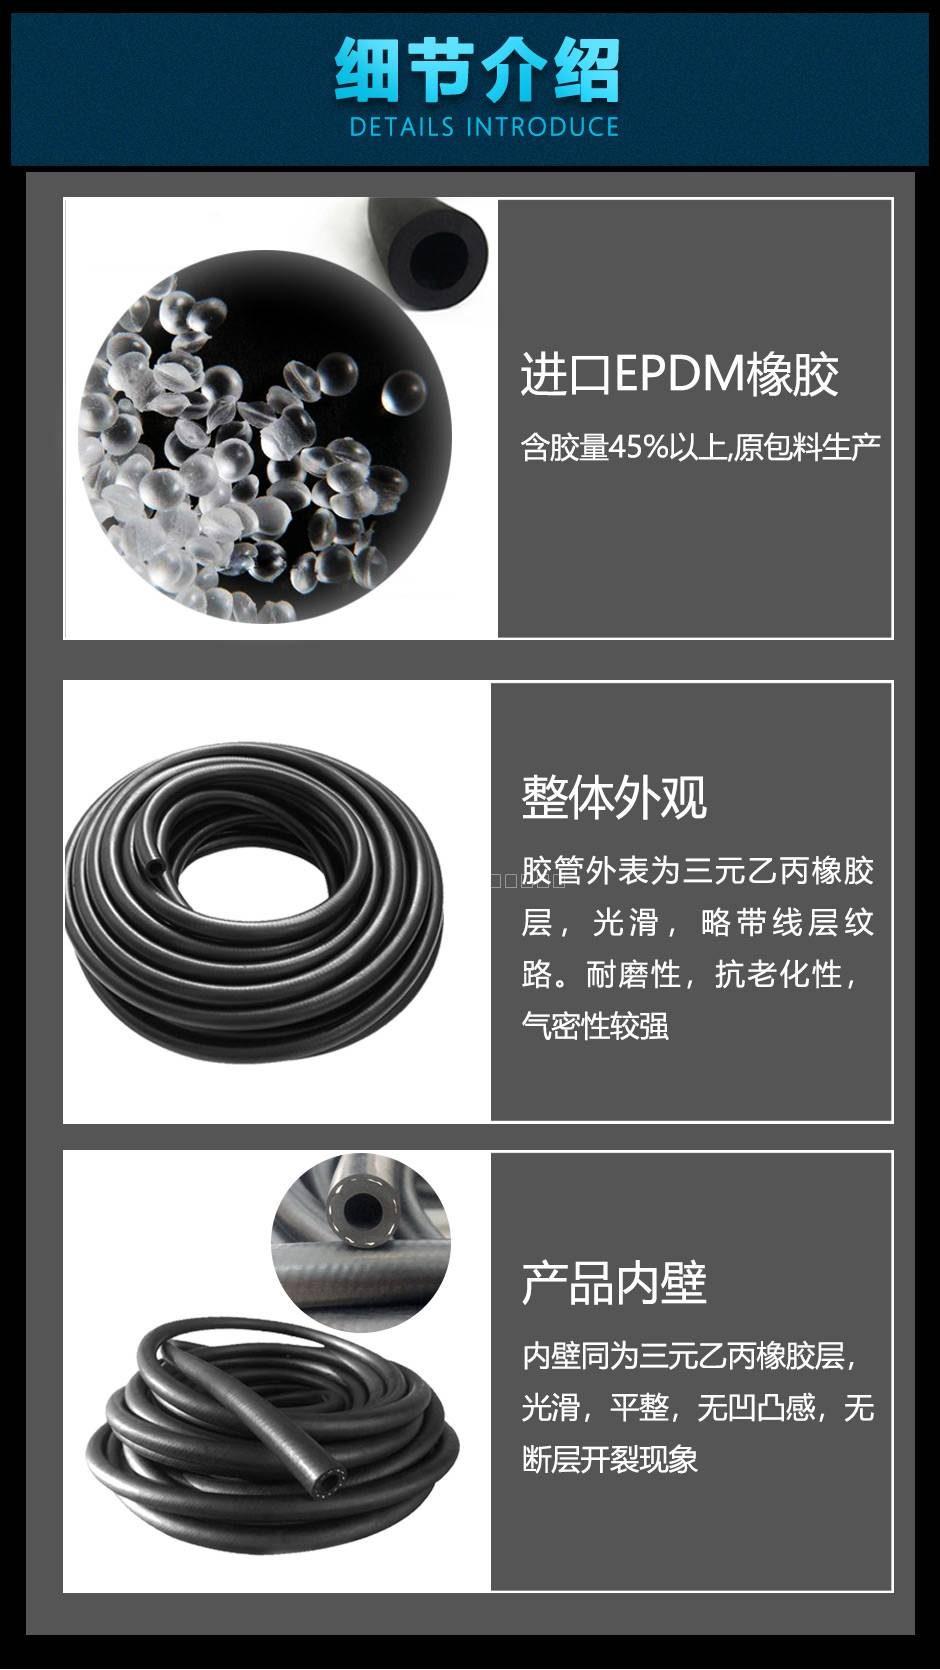 三元乙丙EPDM橡胶输水管 3